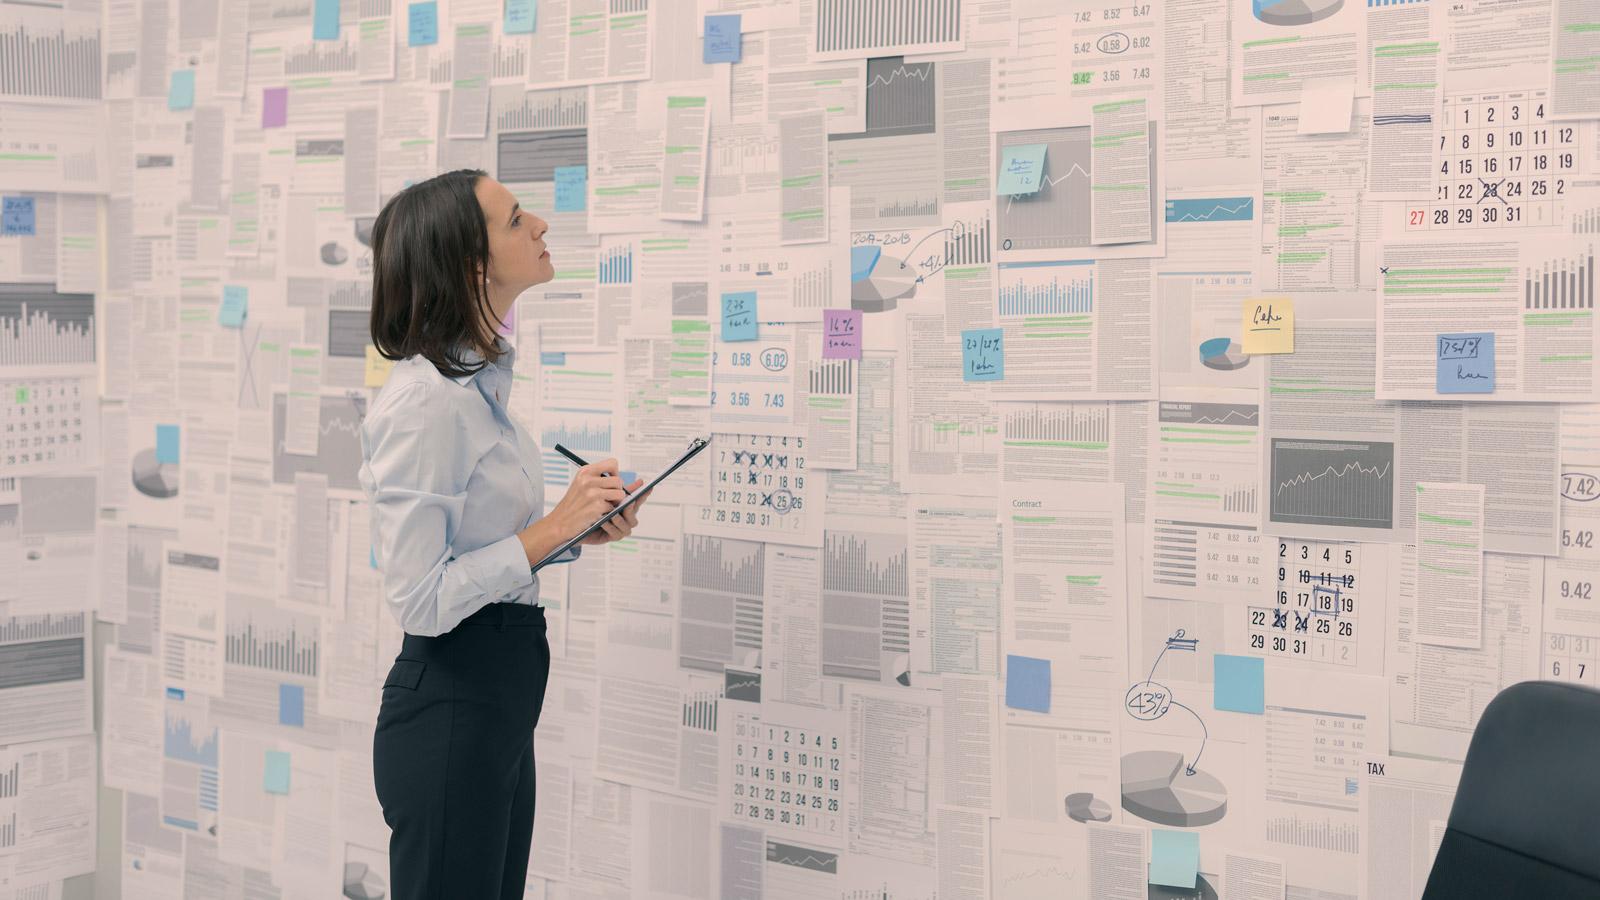 Jak wykorzystać w pełni posiadane DANE? dane mediarun dane notatki 2019